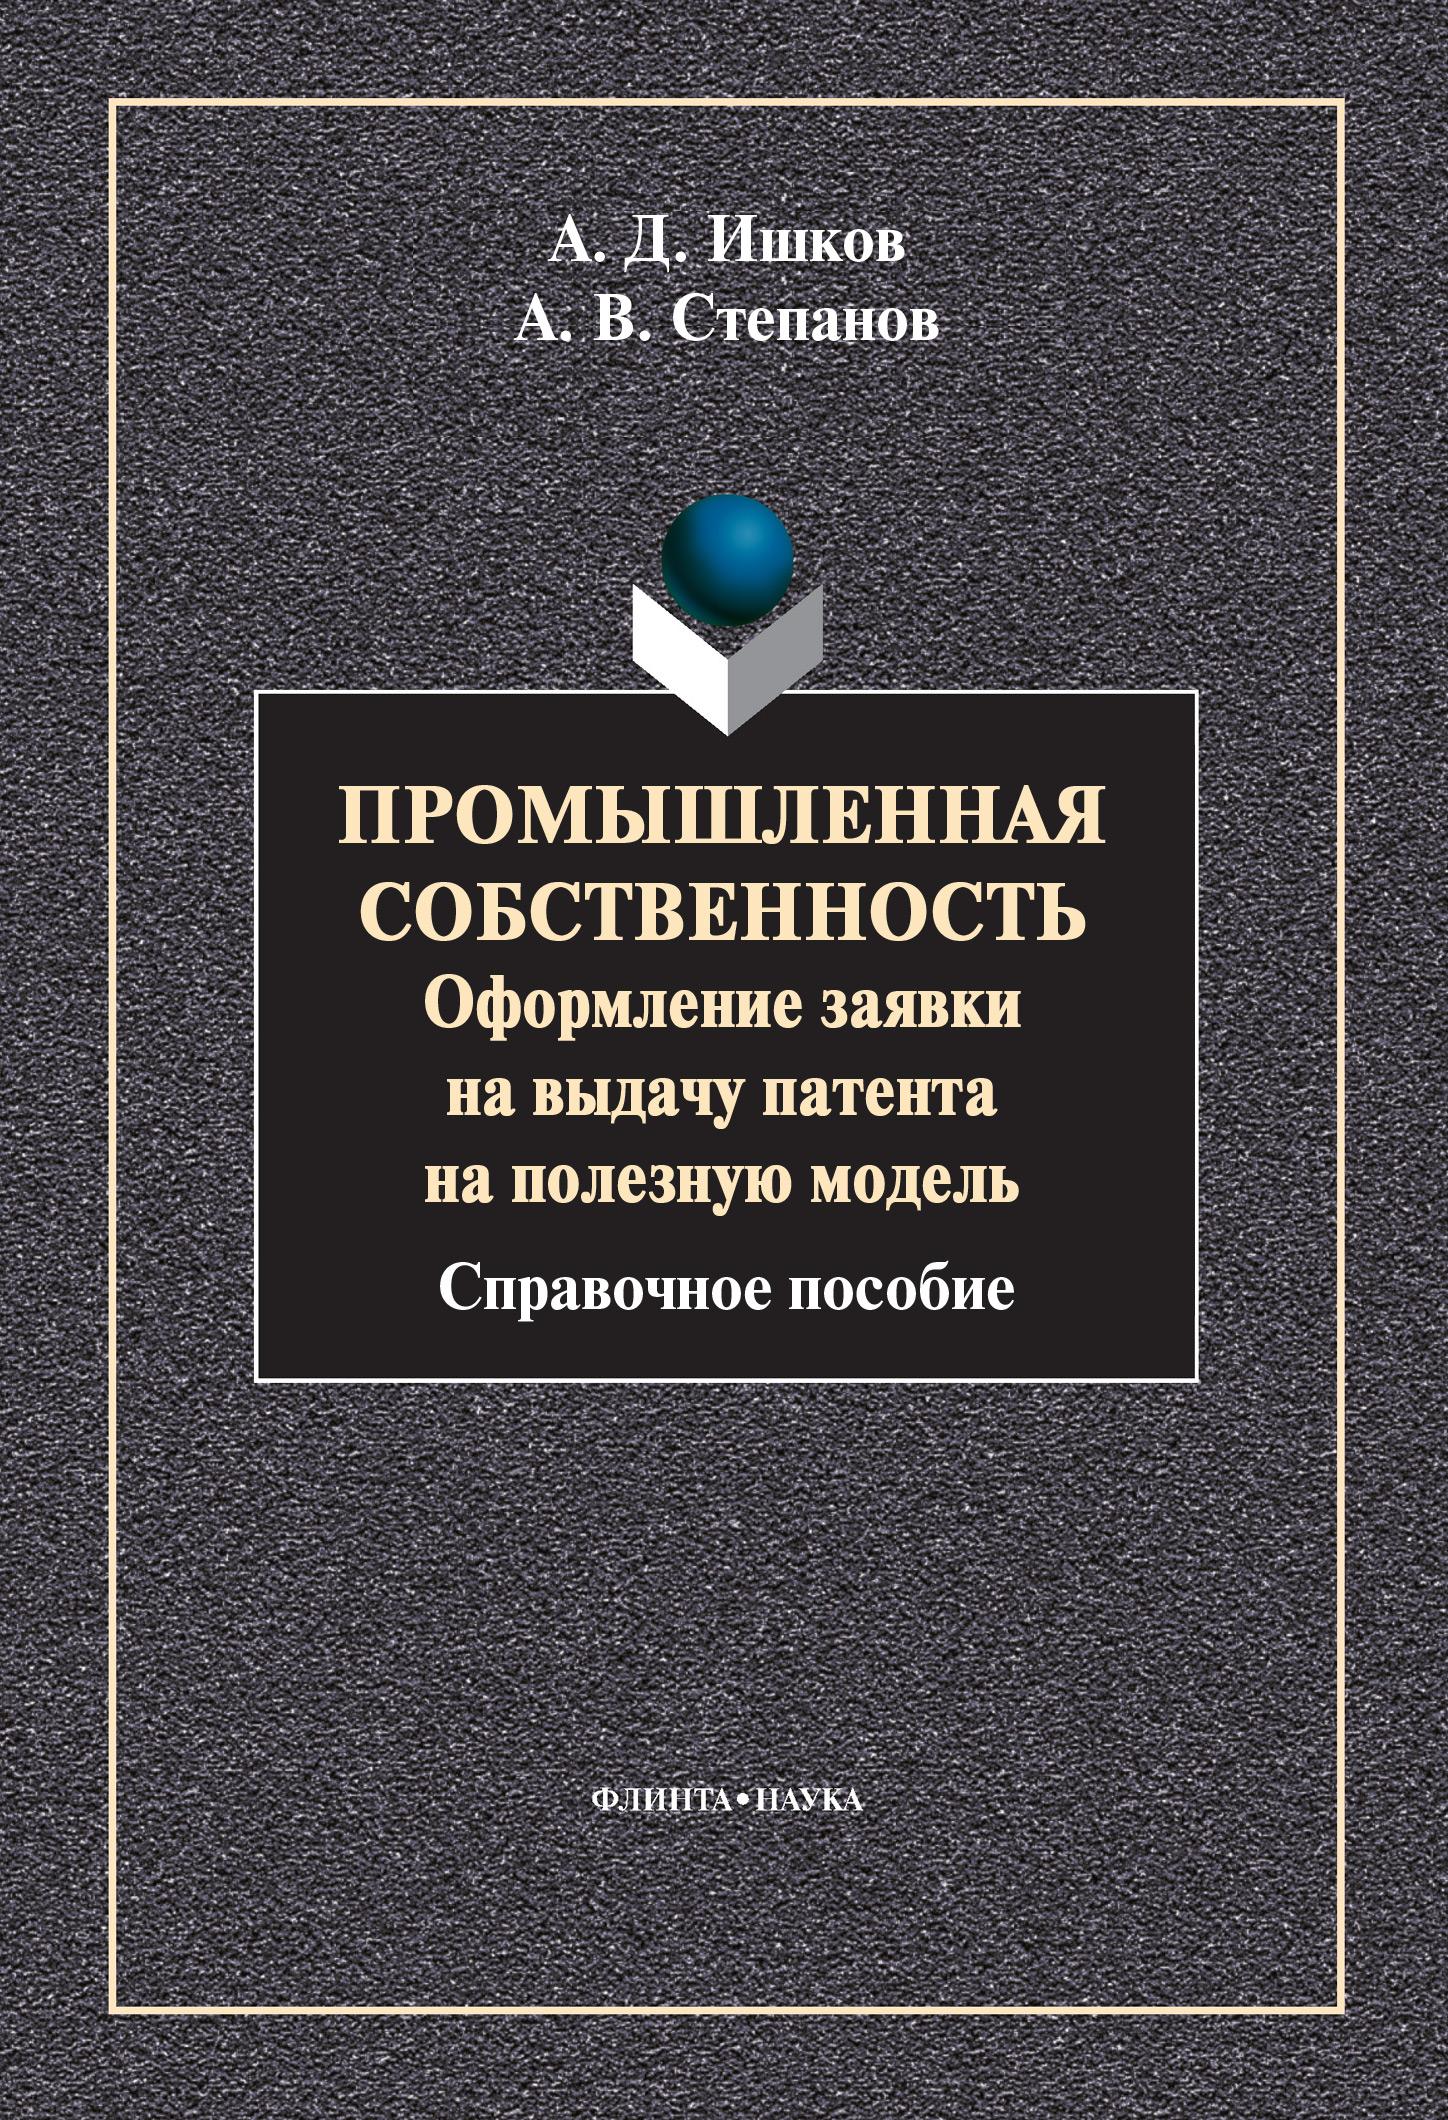 А. В. Степанов Промышленная собственность. Оформление заявки на выдачу патента на полезную модель цена